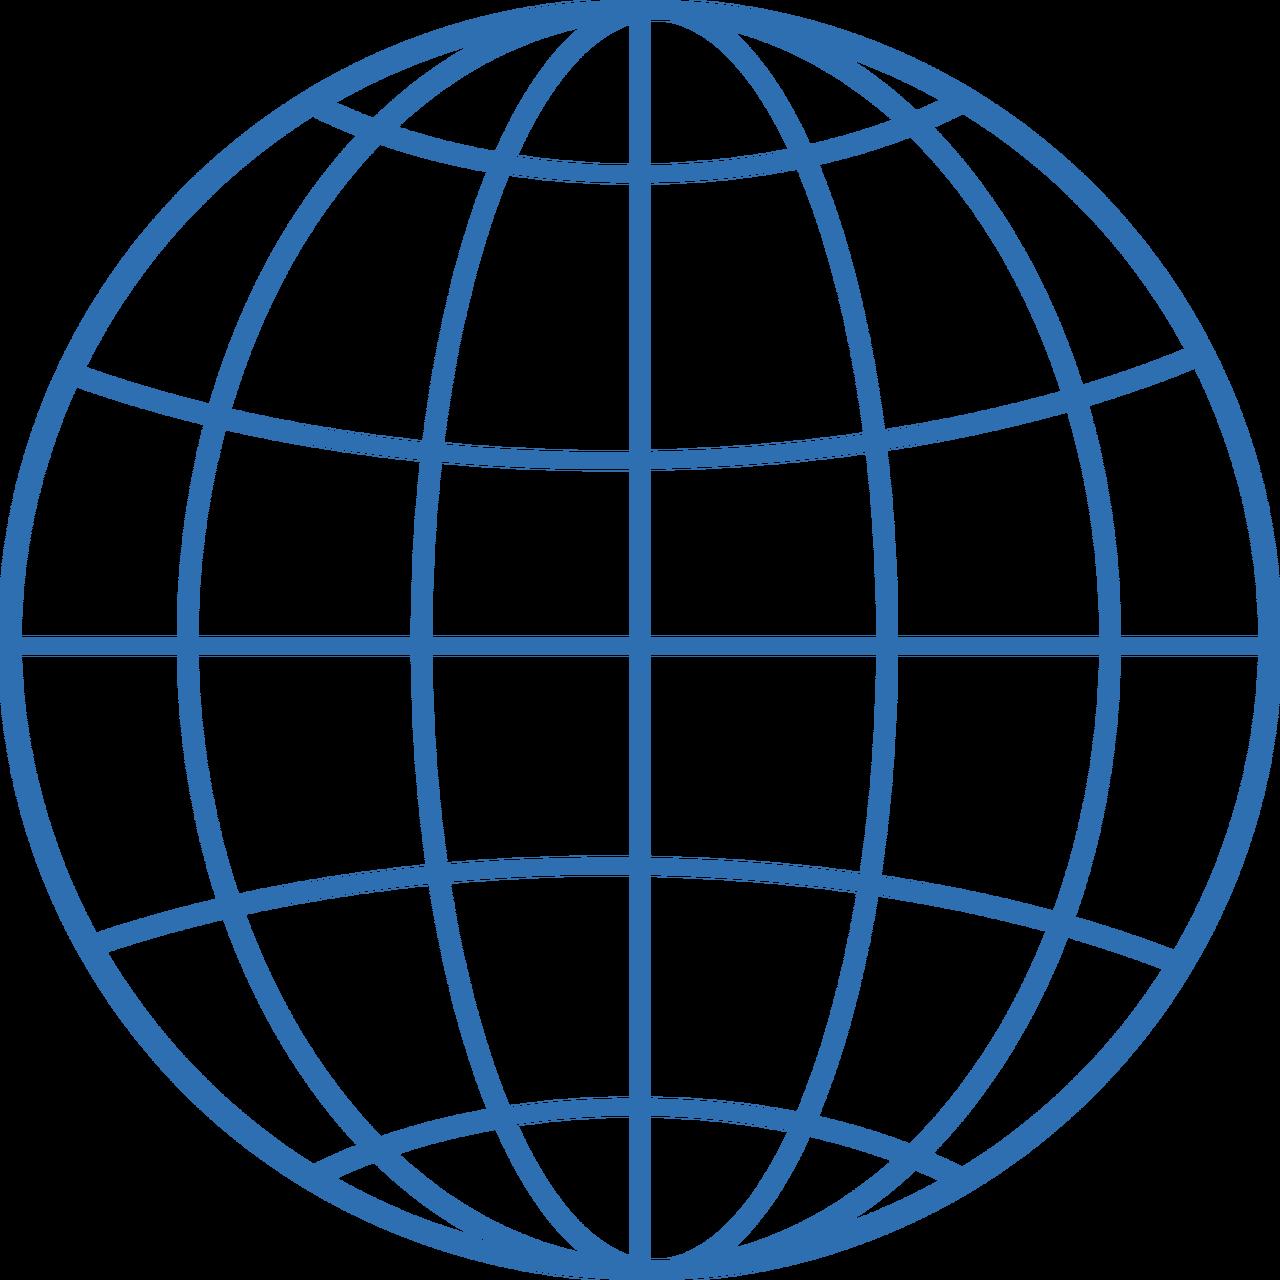 Globe #6 SVG Cut File